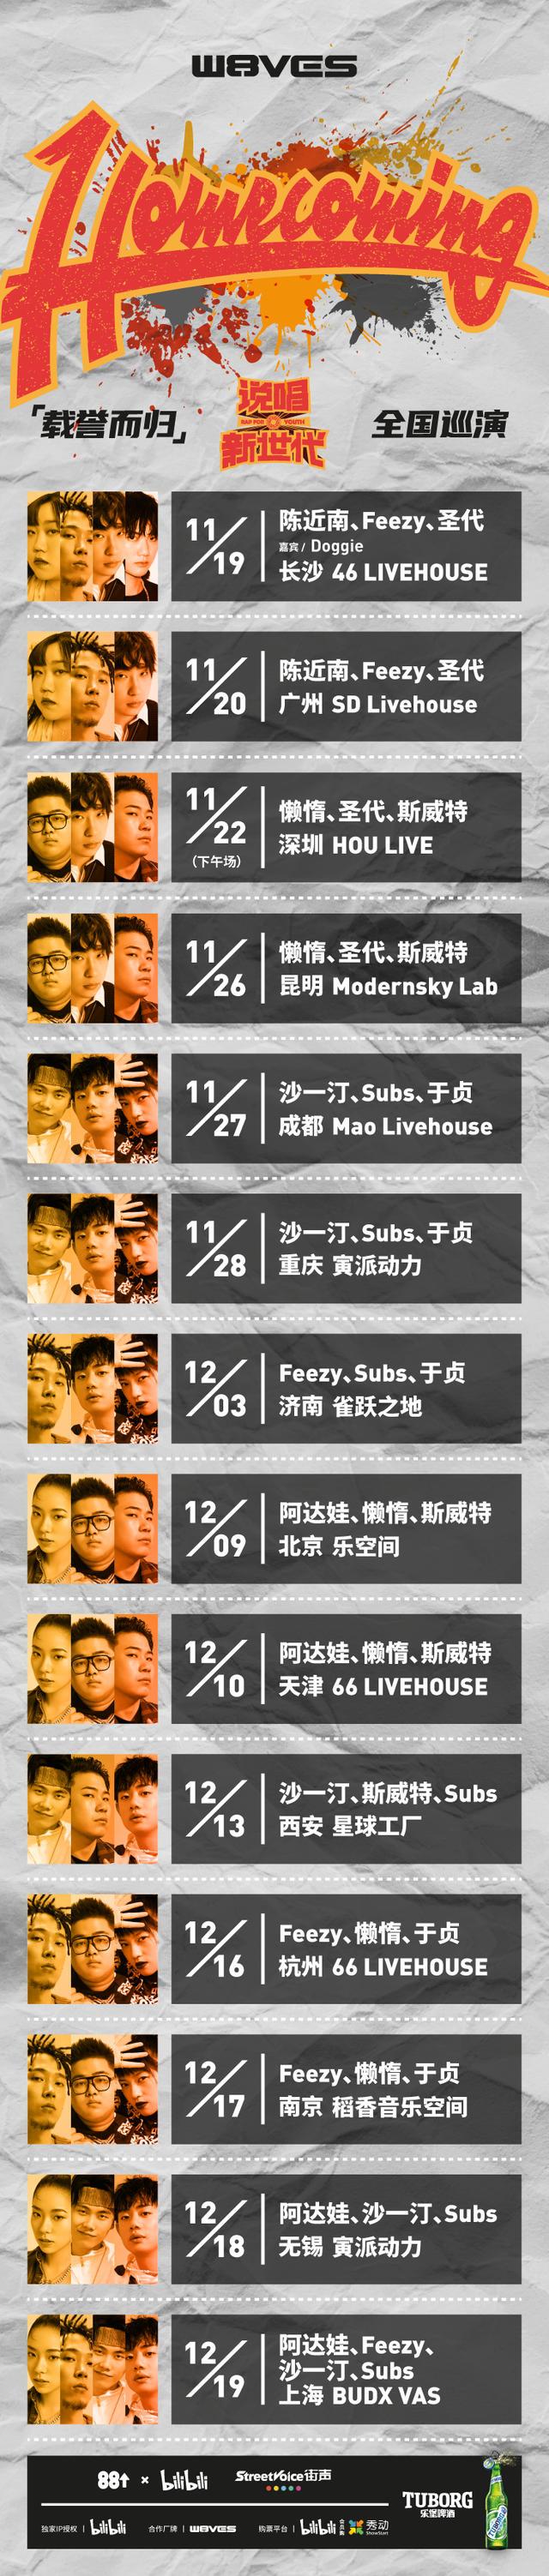 【南京站】「Feezy/懒惰/于贞」Homecoming《载誉而归》说唱新世代巡演LVH